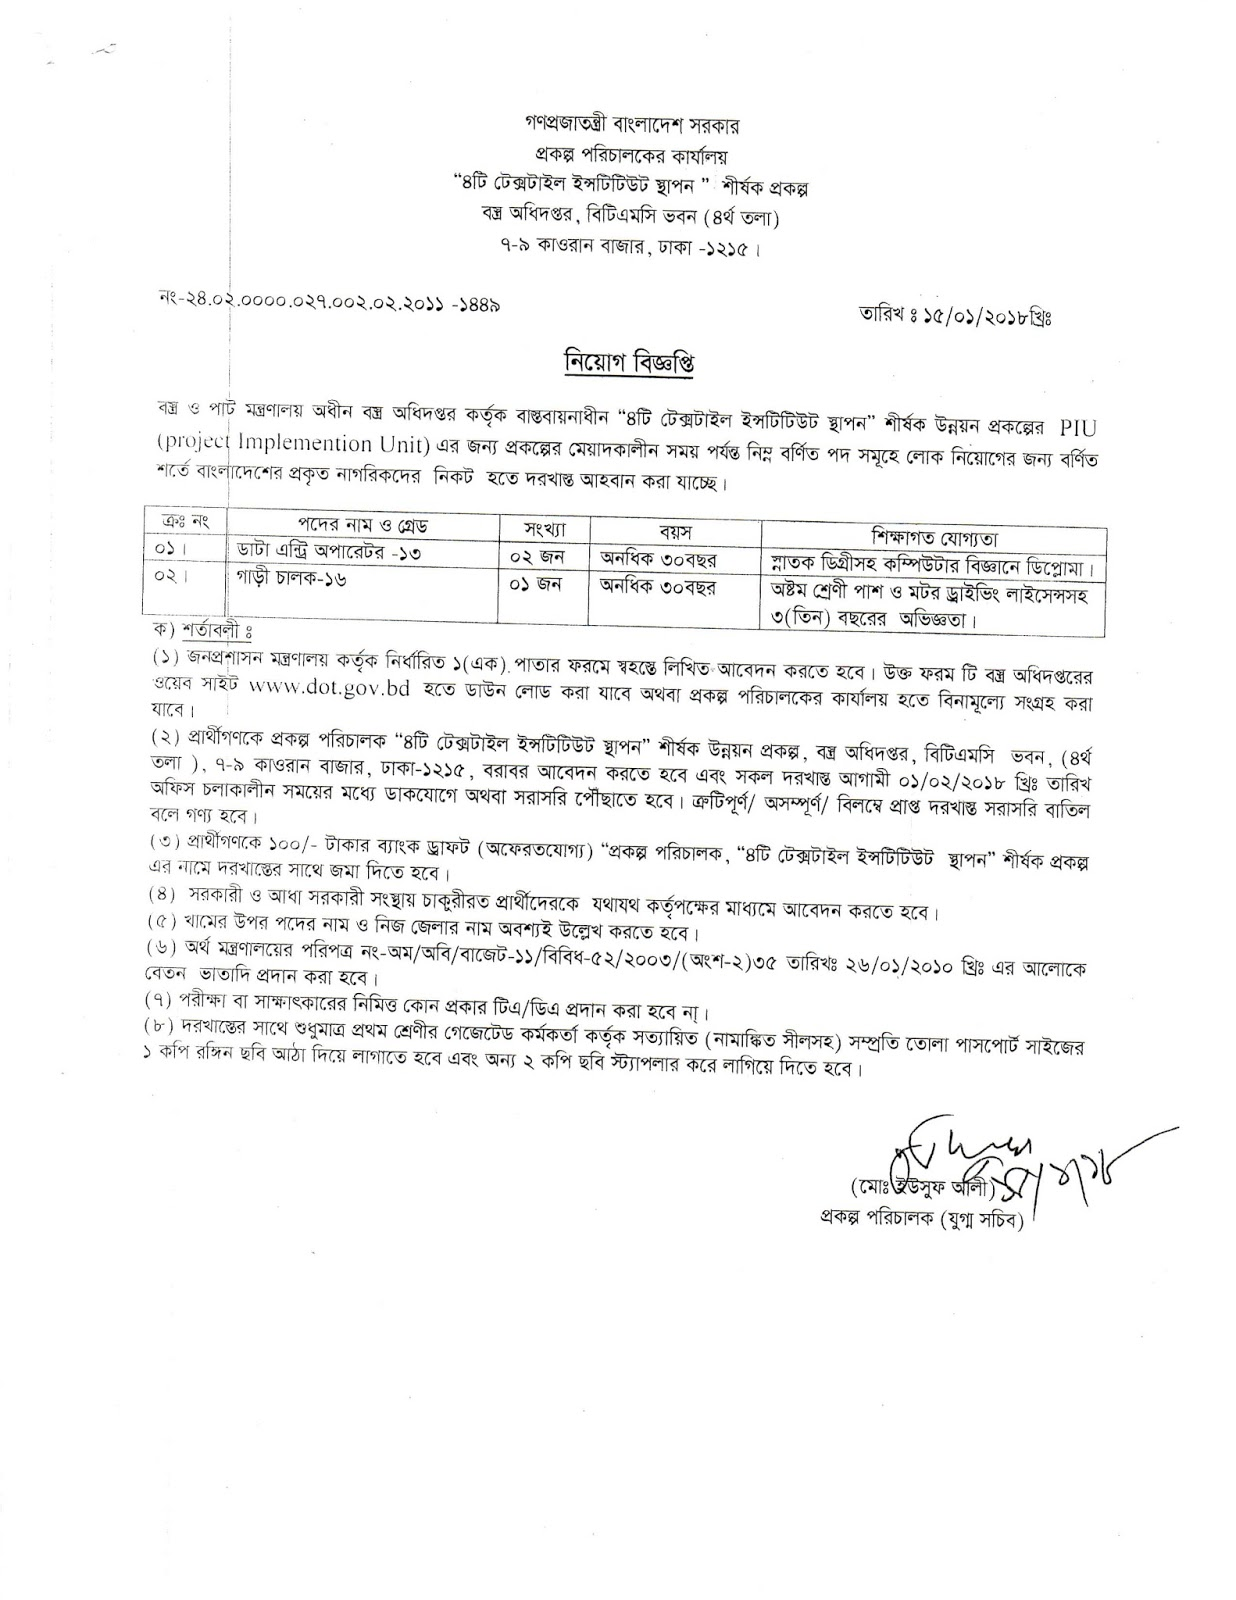 Textile Directorate job circular 2018